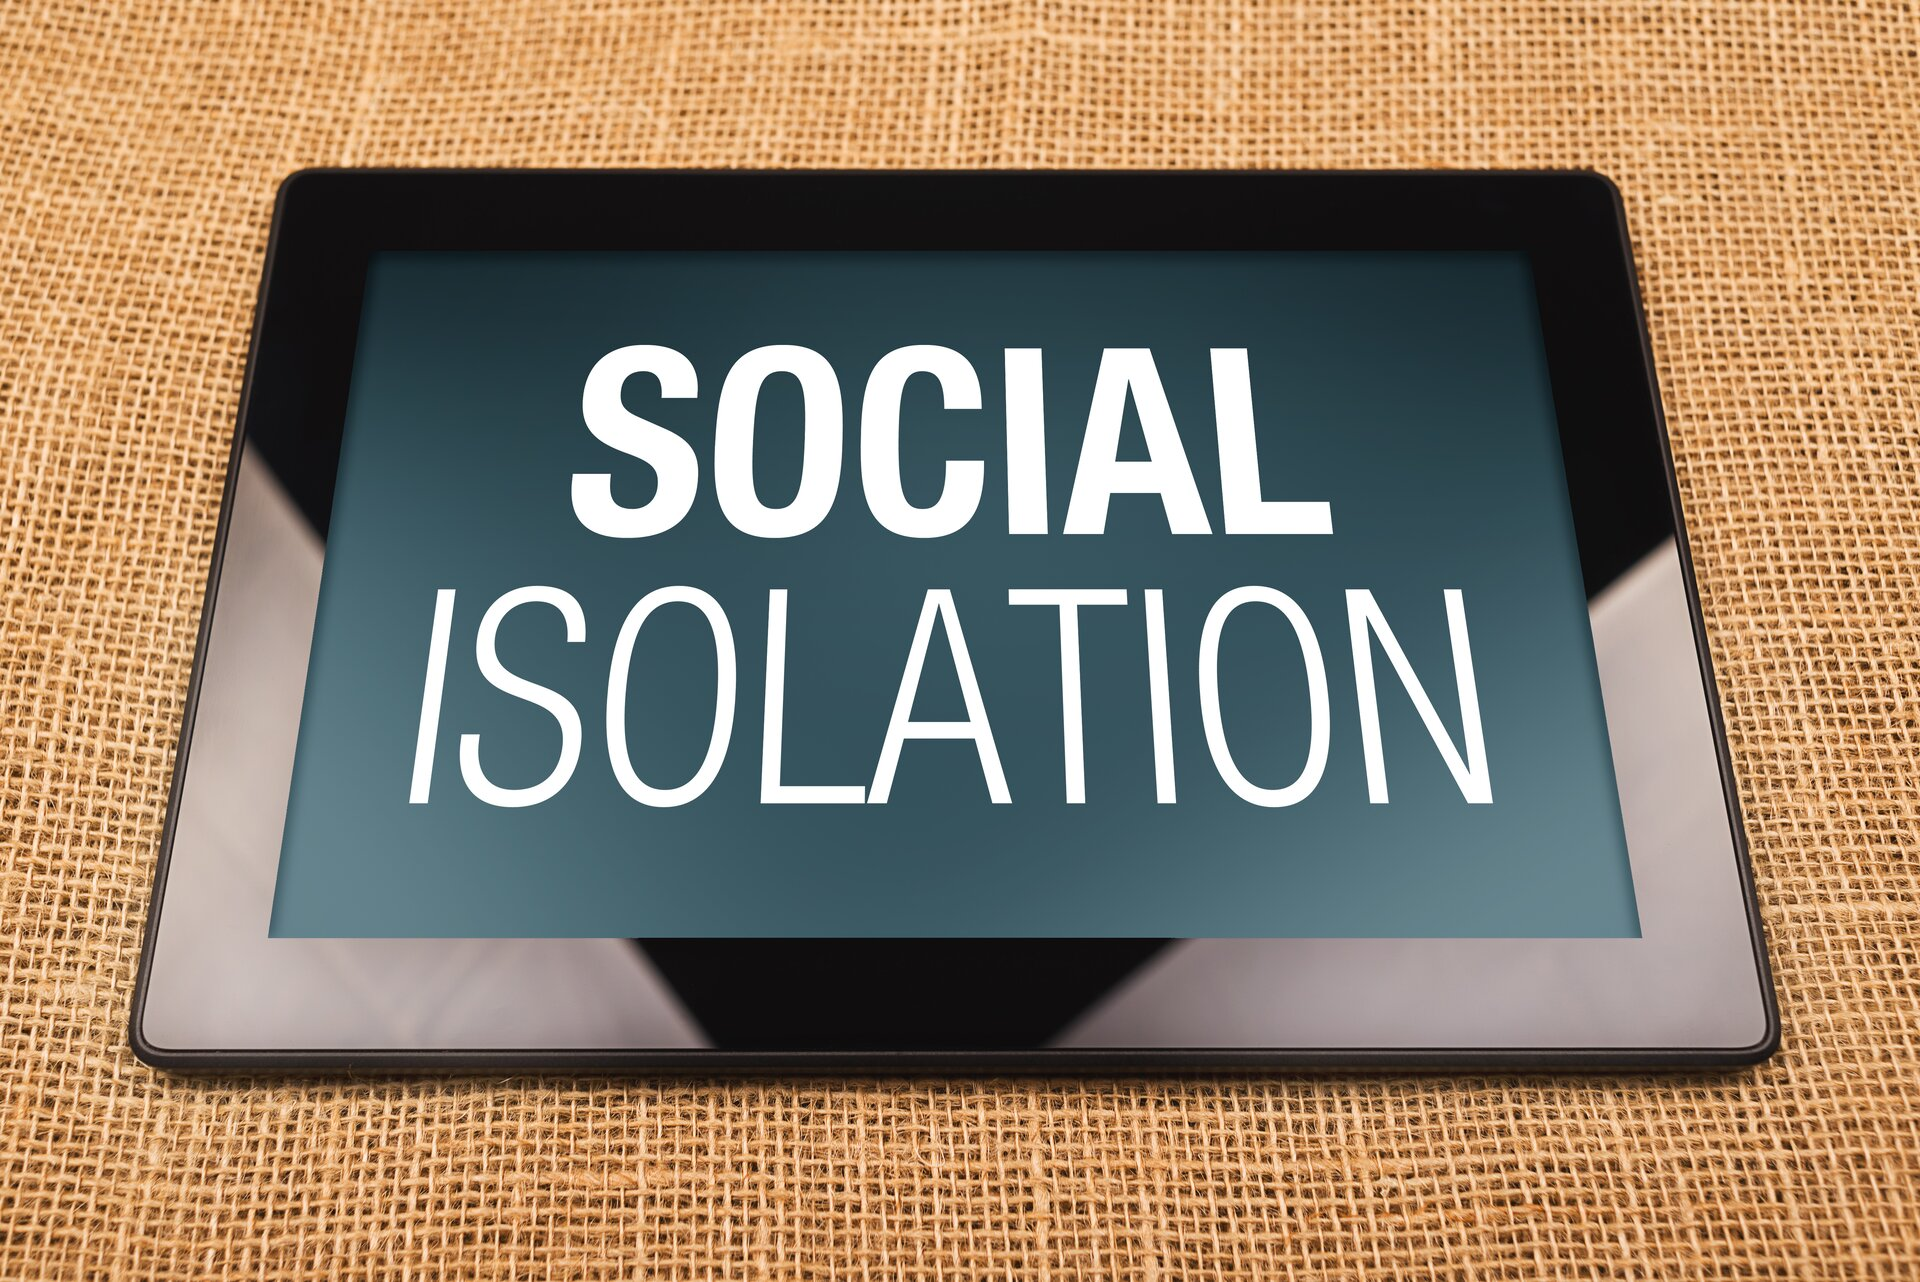 Ilustracja przedstawia cyfrowe wykluczenie. Ukazuje ona tablet znapisem na wyświetlaczu SOCIAL ISOLATION.